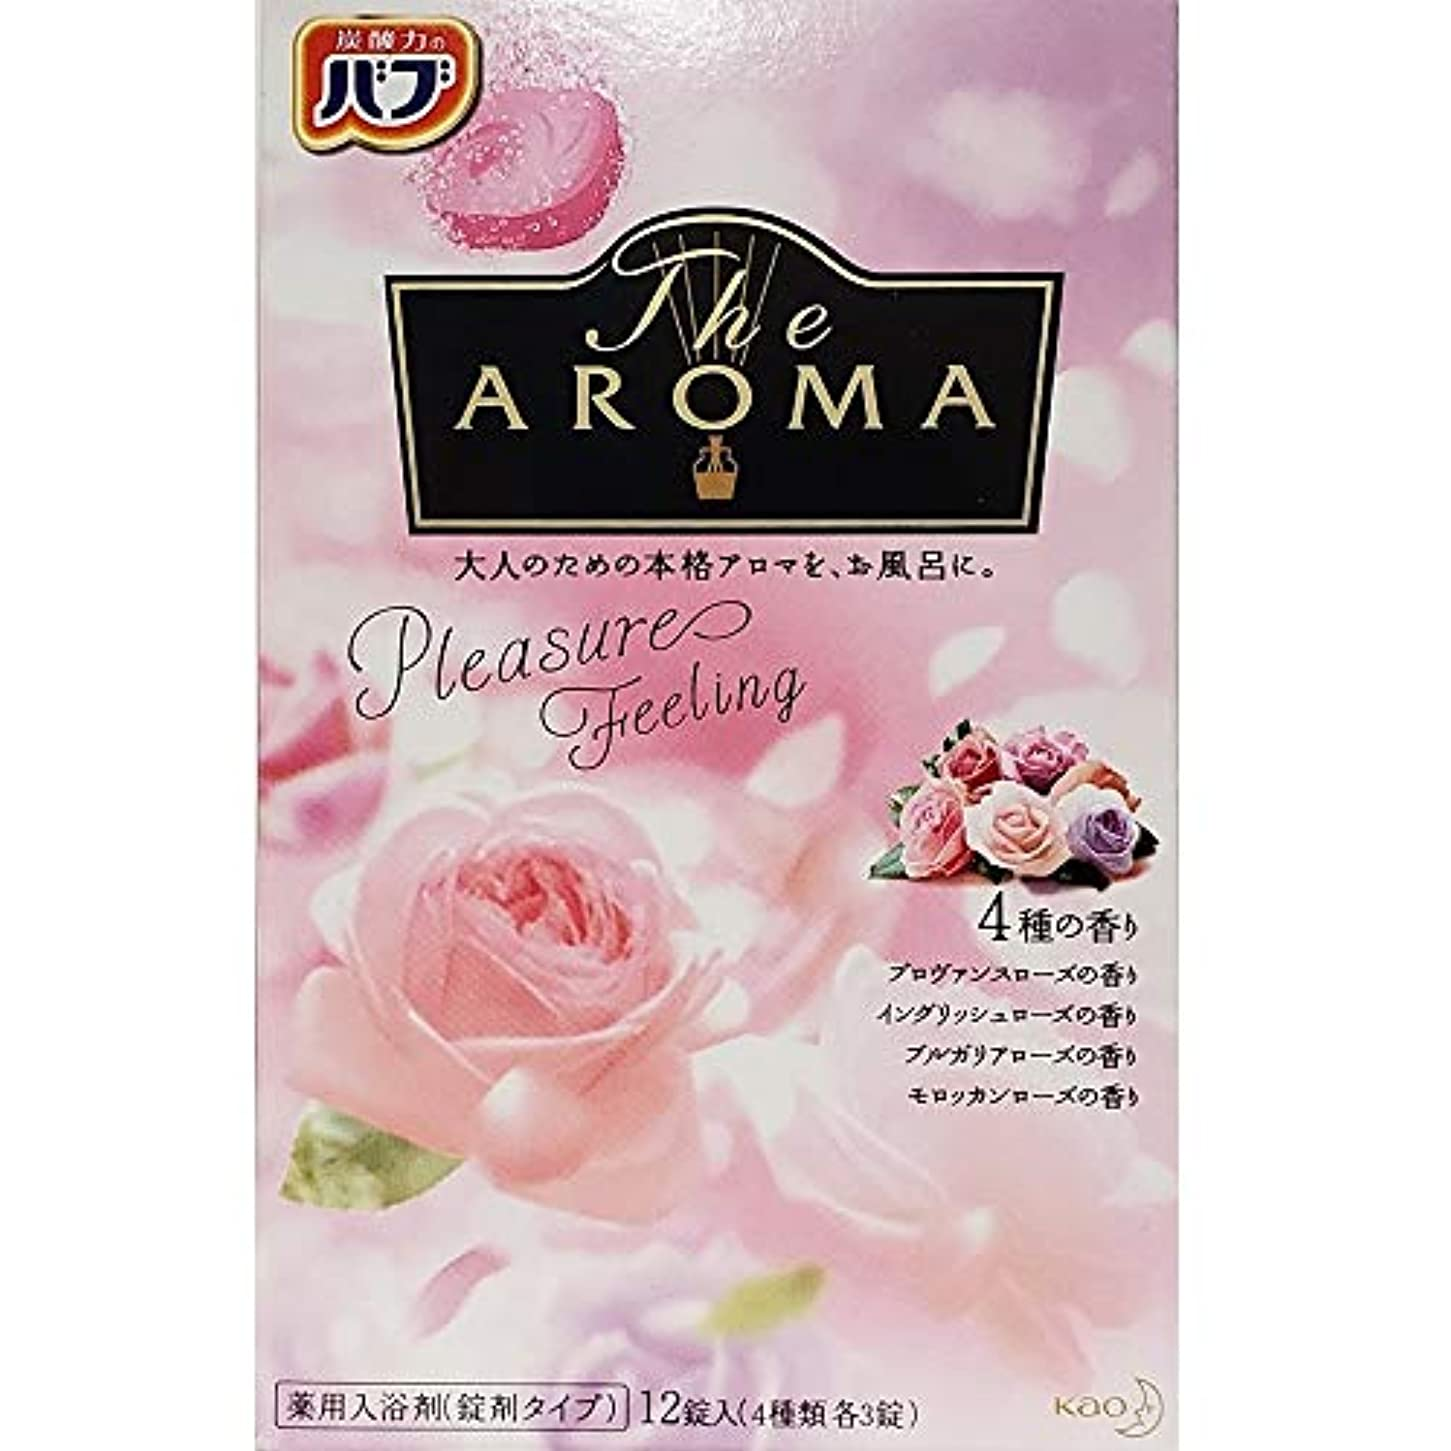 動揺させる六月窒素バブ The Aroma Pleasure Feeling 40g×12錠(4種類 各3錠) 医薬部外品